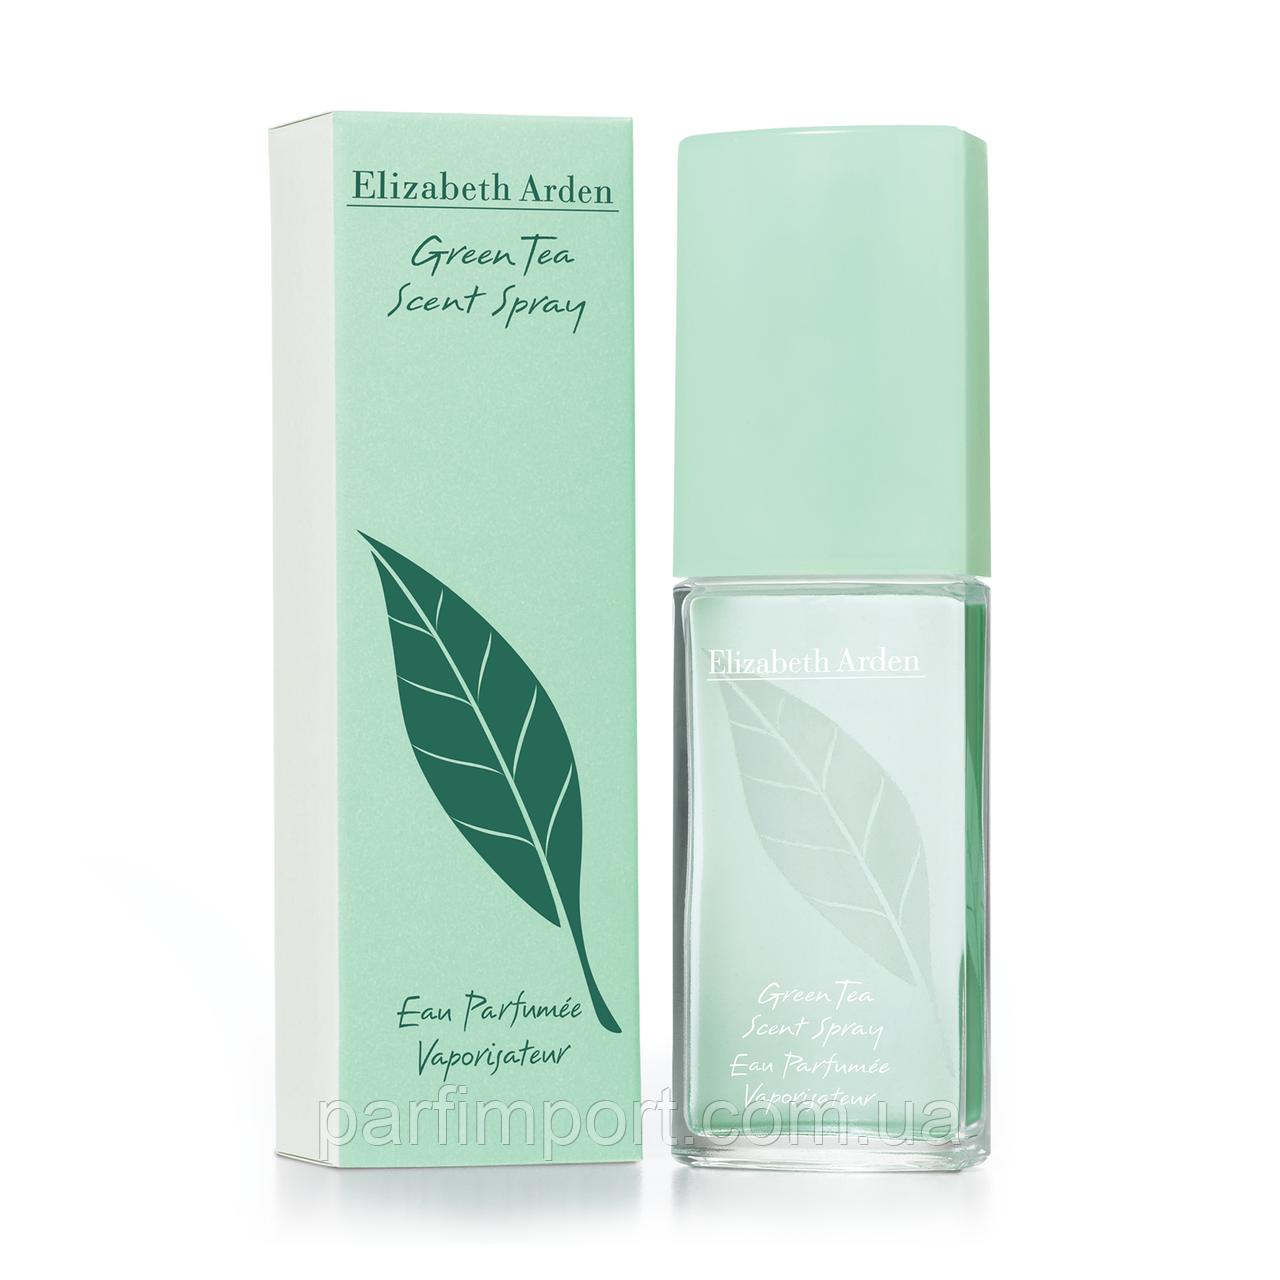 Elizabeth Arden GREEN TEA EDP 50 ml Парфюмированная вода (оригинал подлинник  США)